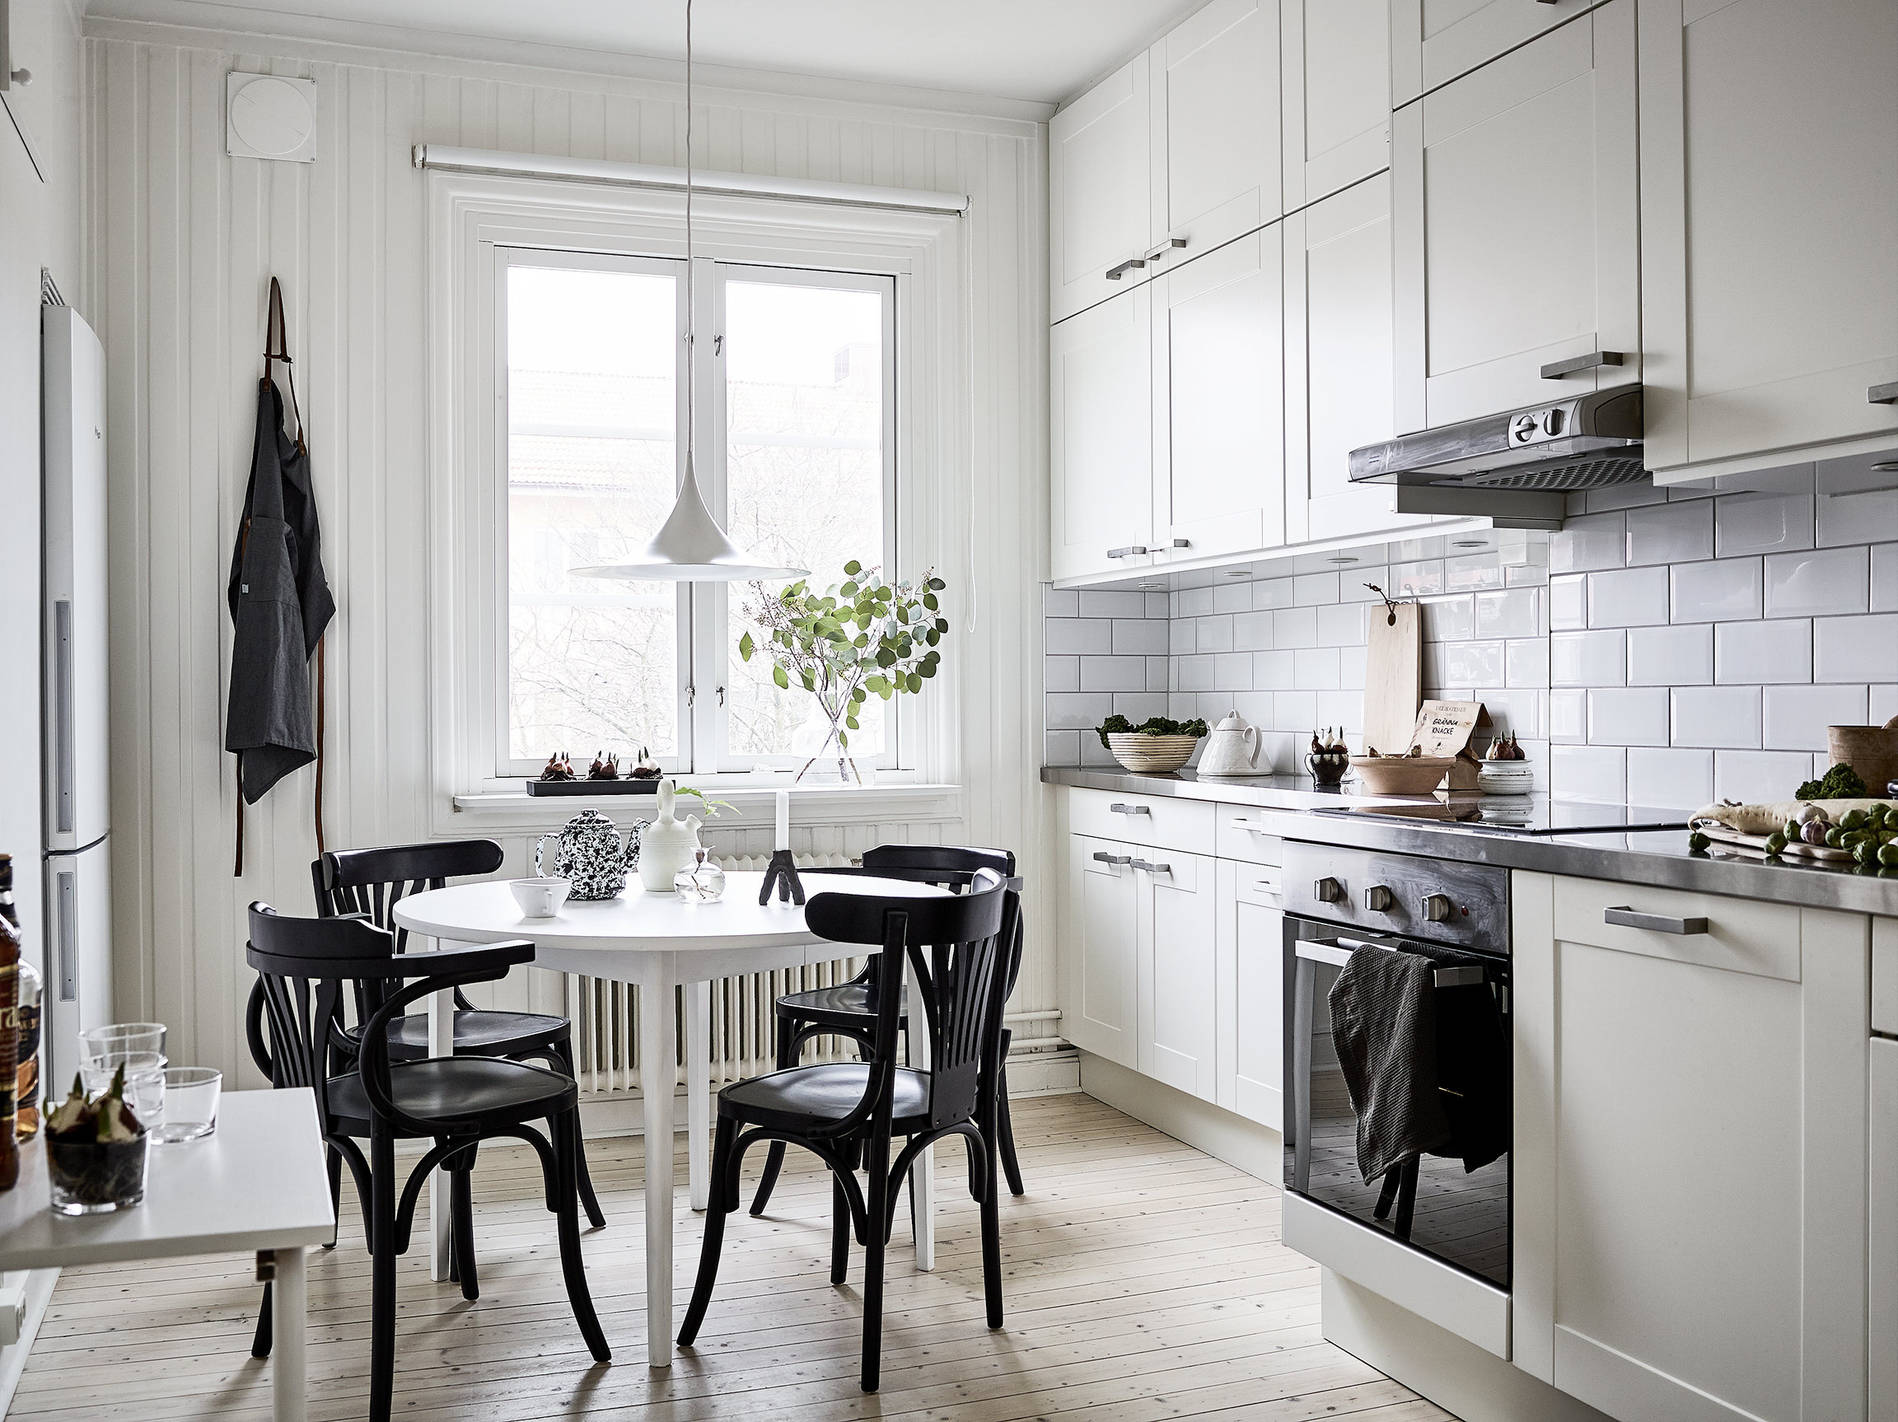 Mesa blanca sillas negras blog tienda decoraci n estilo for Sillas de cocina blancas de madera